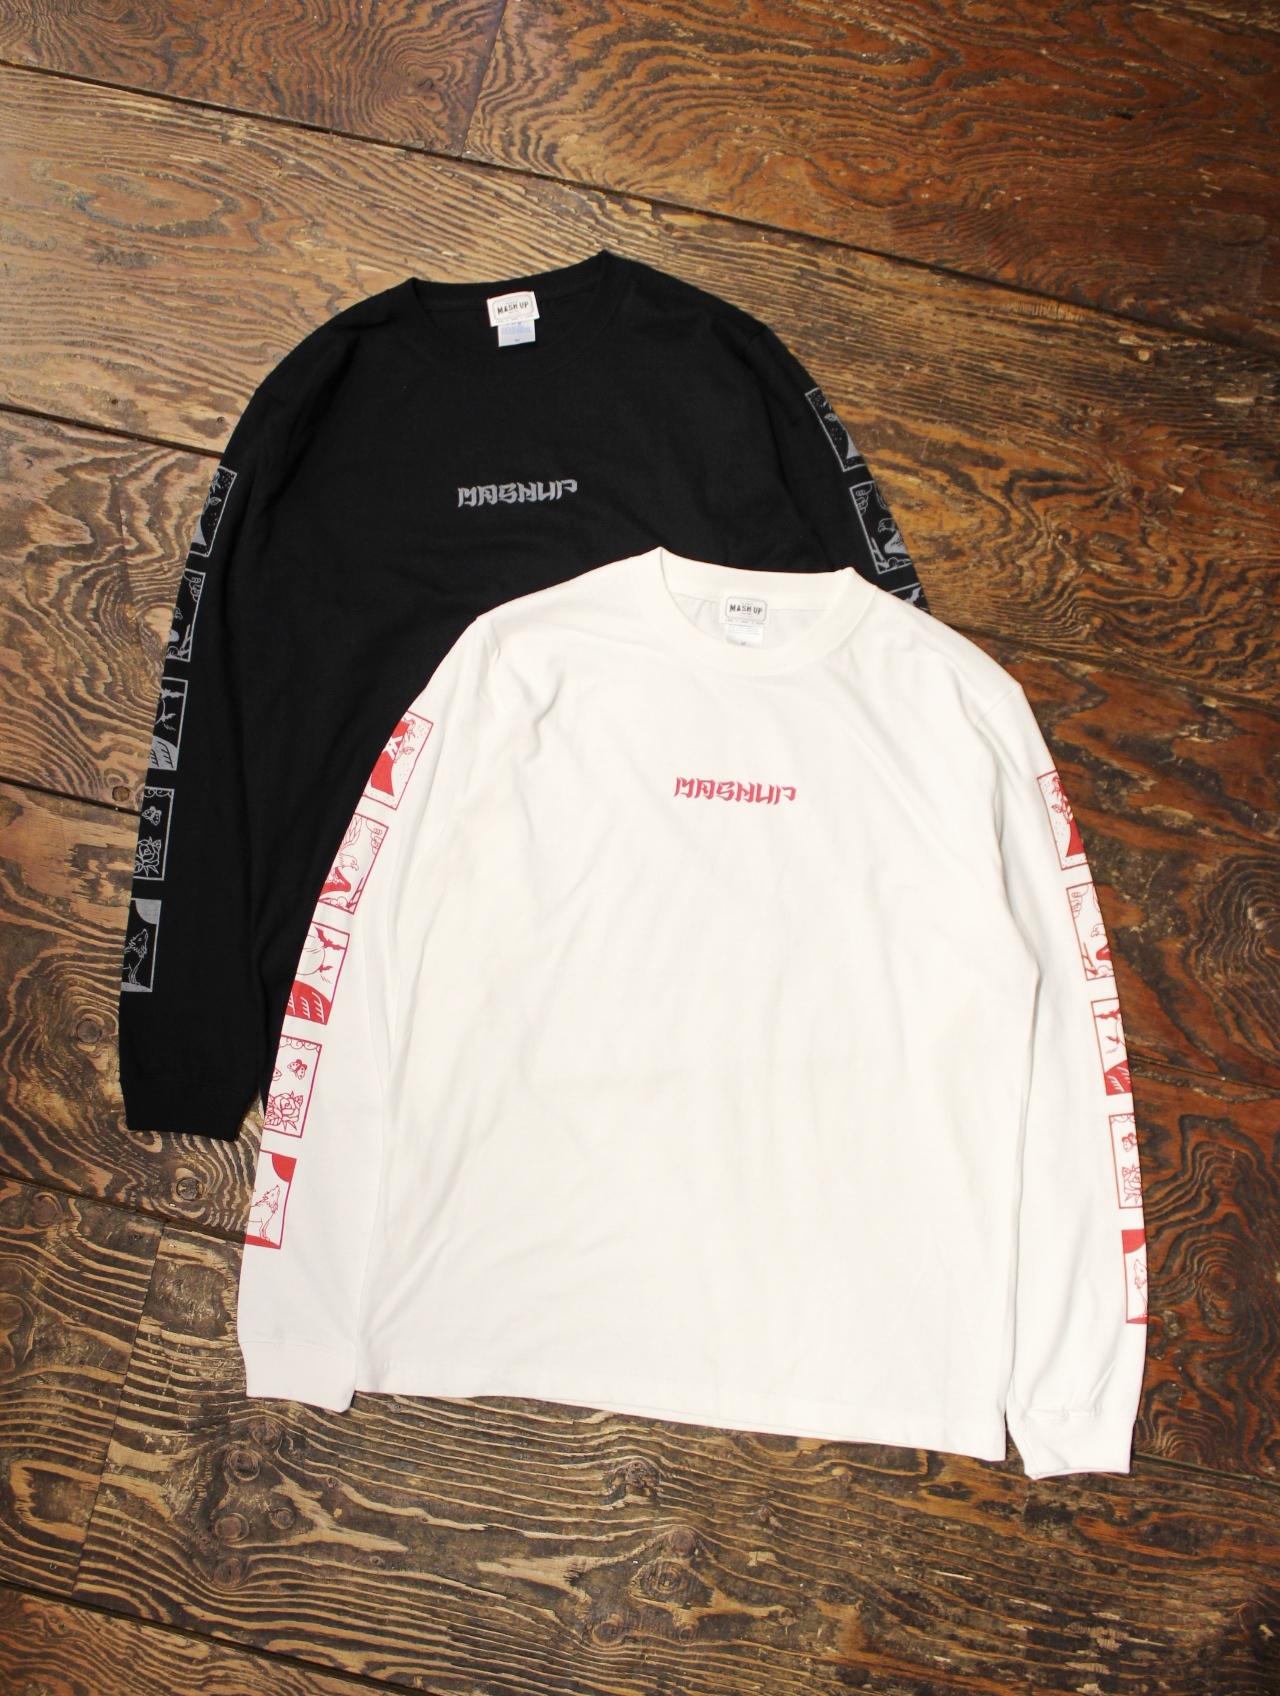 MASH UP 「SLEEVE ORIENTAL PRINT L/S T-SHIRT」 ロングスリーブティーシャツ